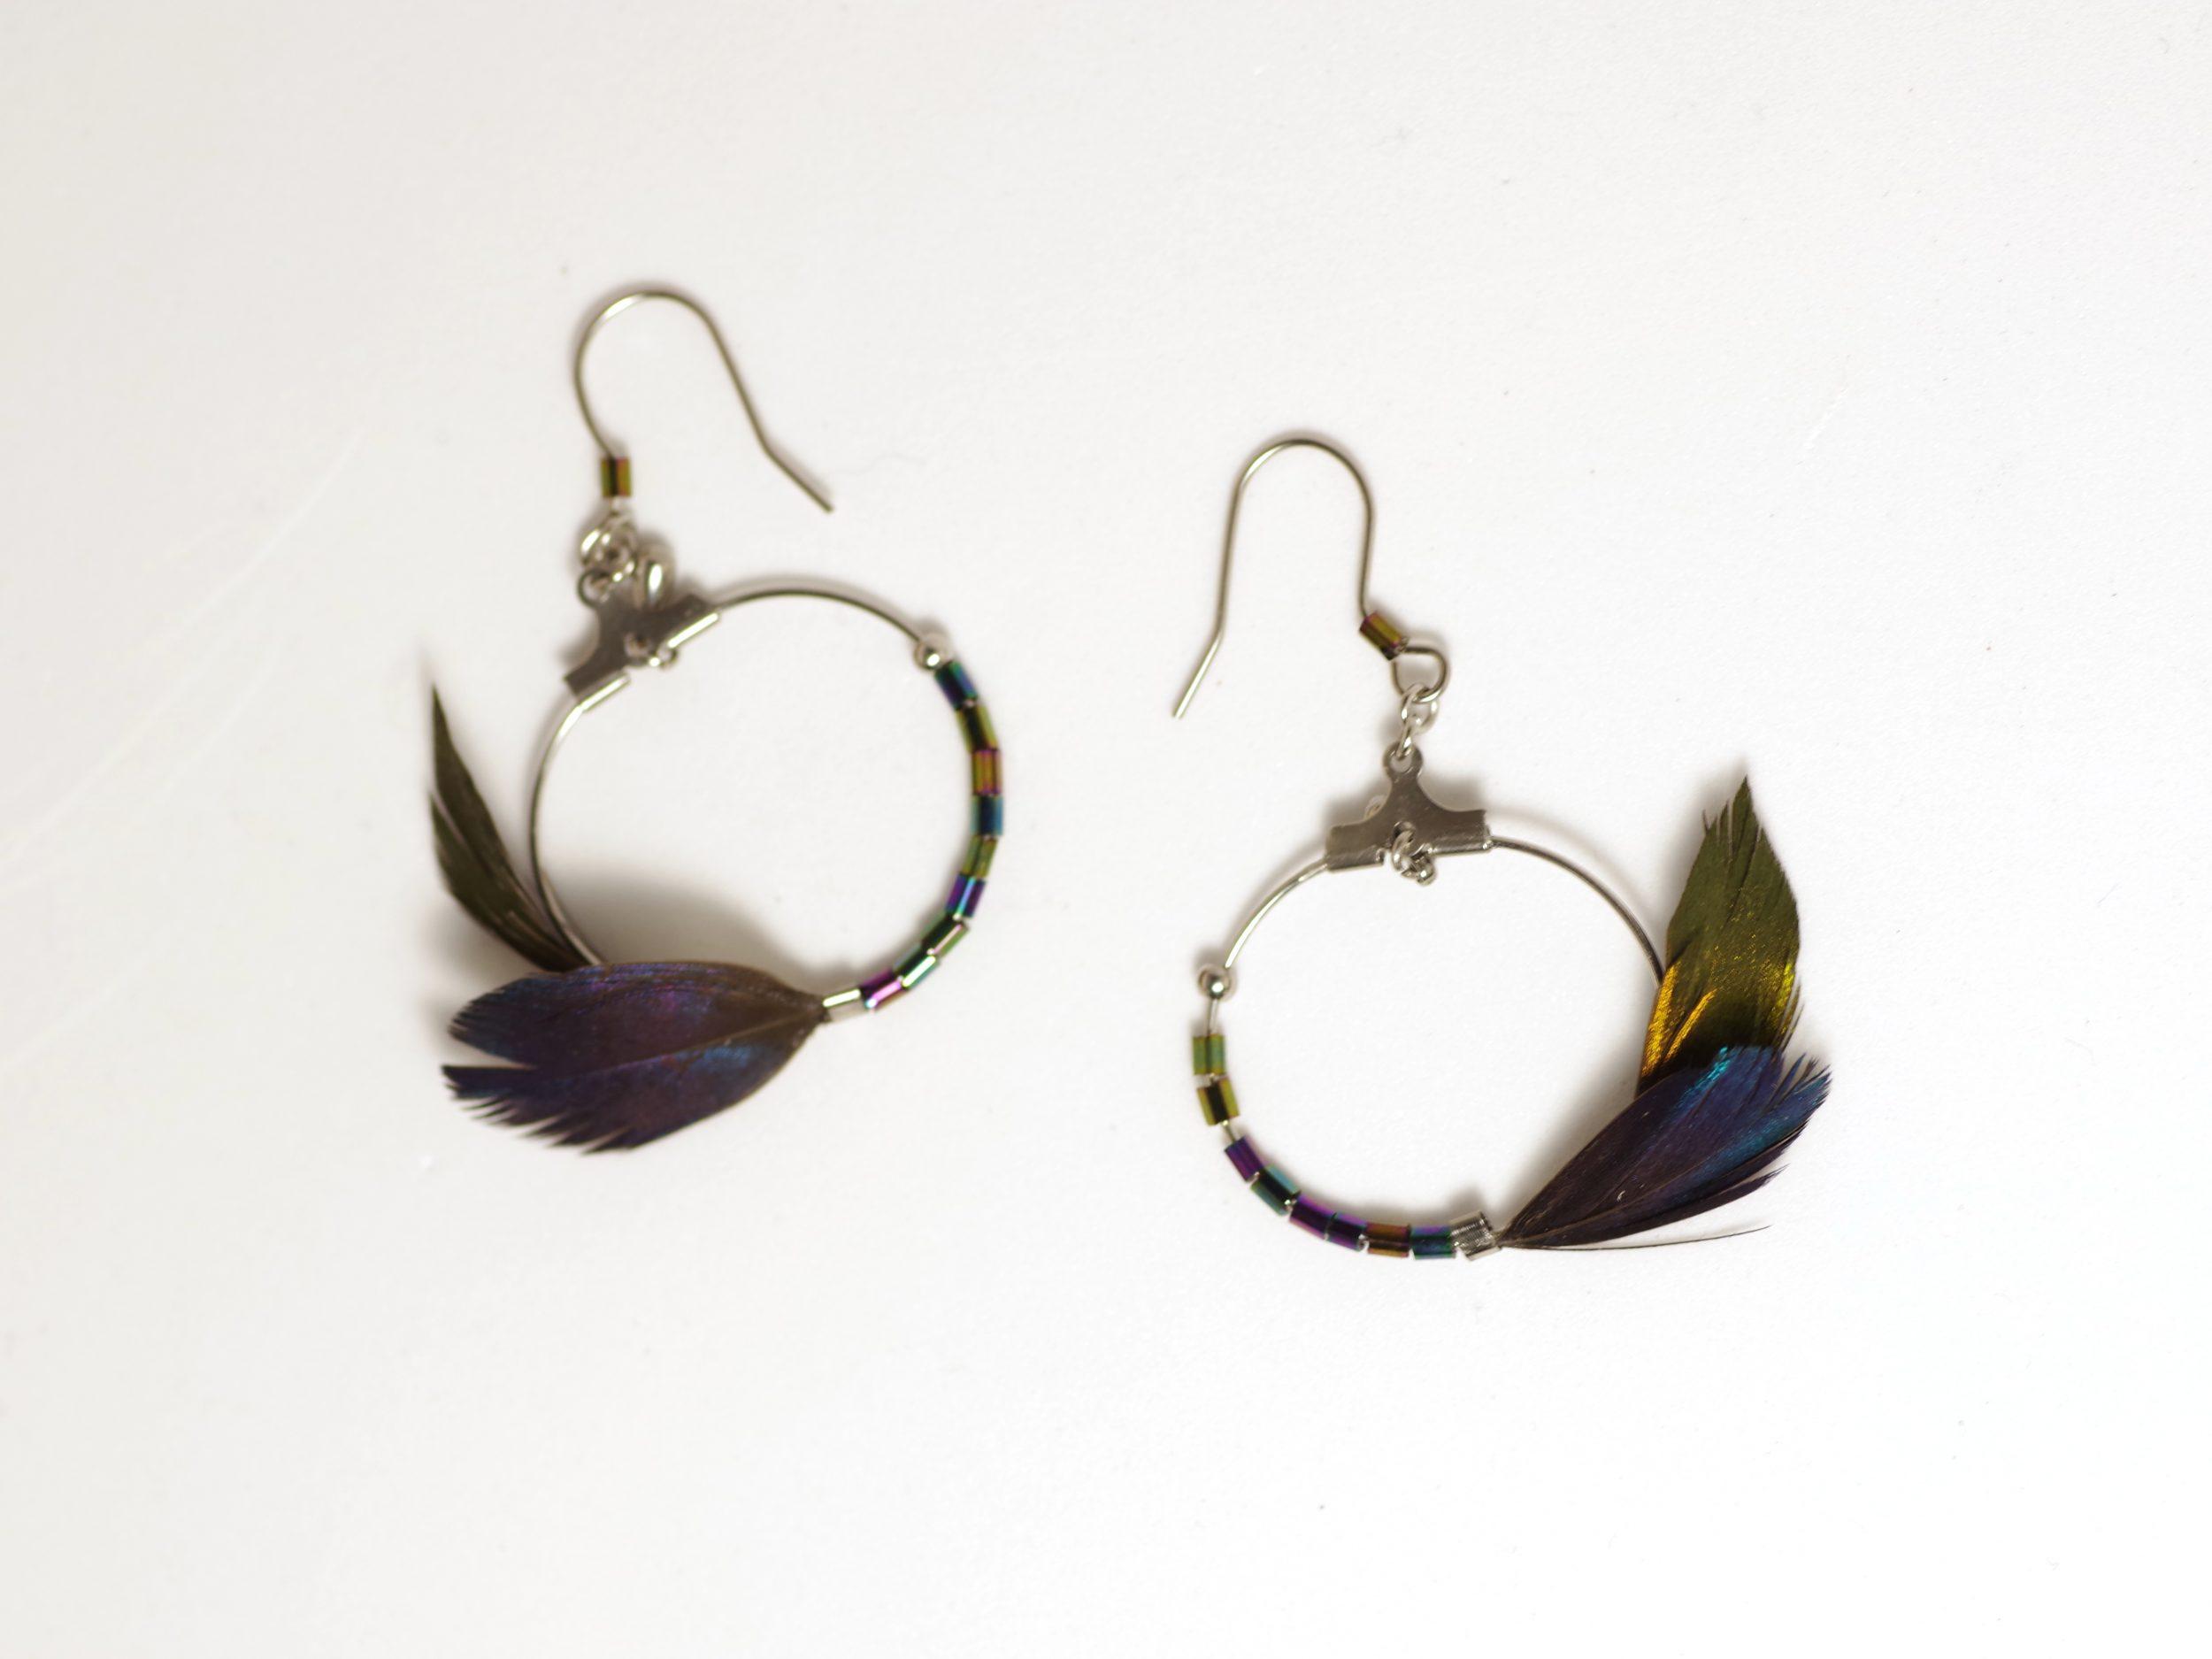 boucles d'oreilles avec un petit anneau inox décoré de façon asymétrique avec deux petites plumes à reflets brillants et des perles assorties